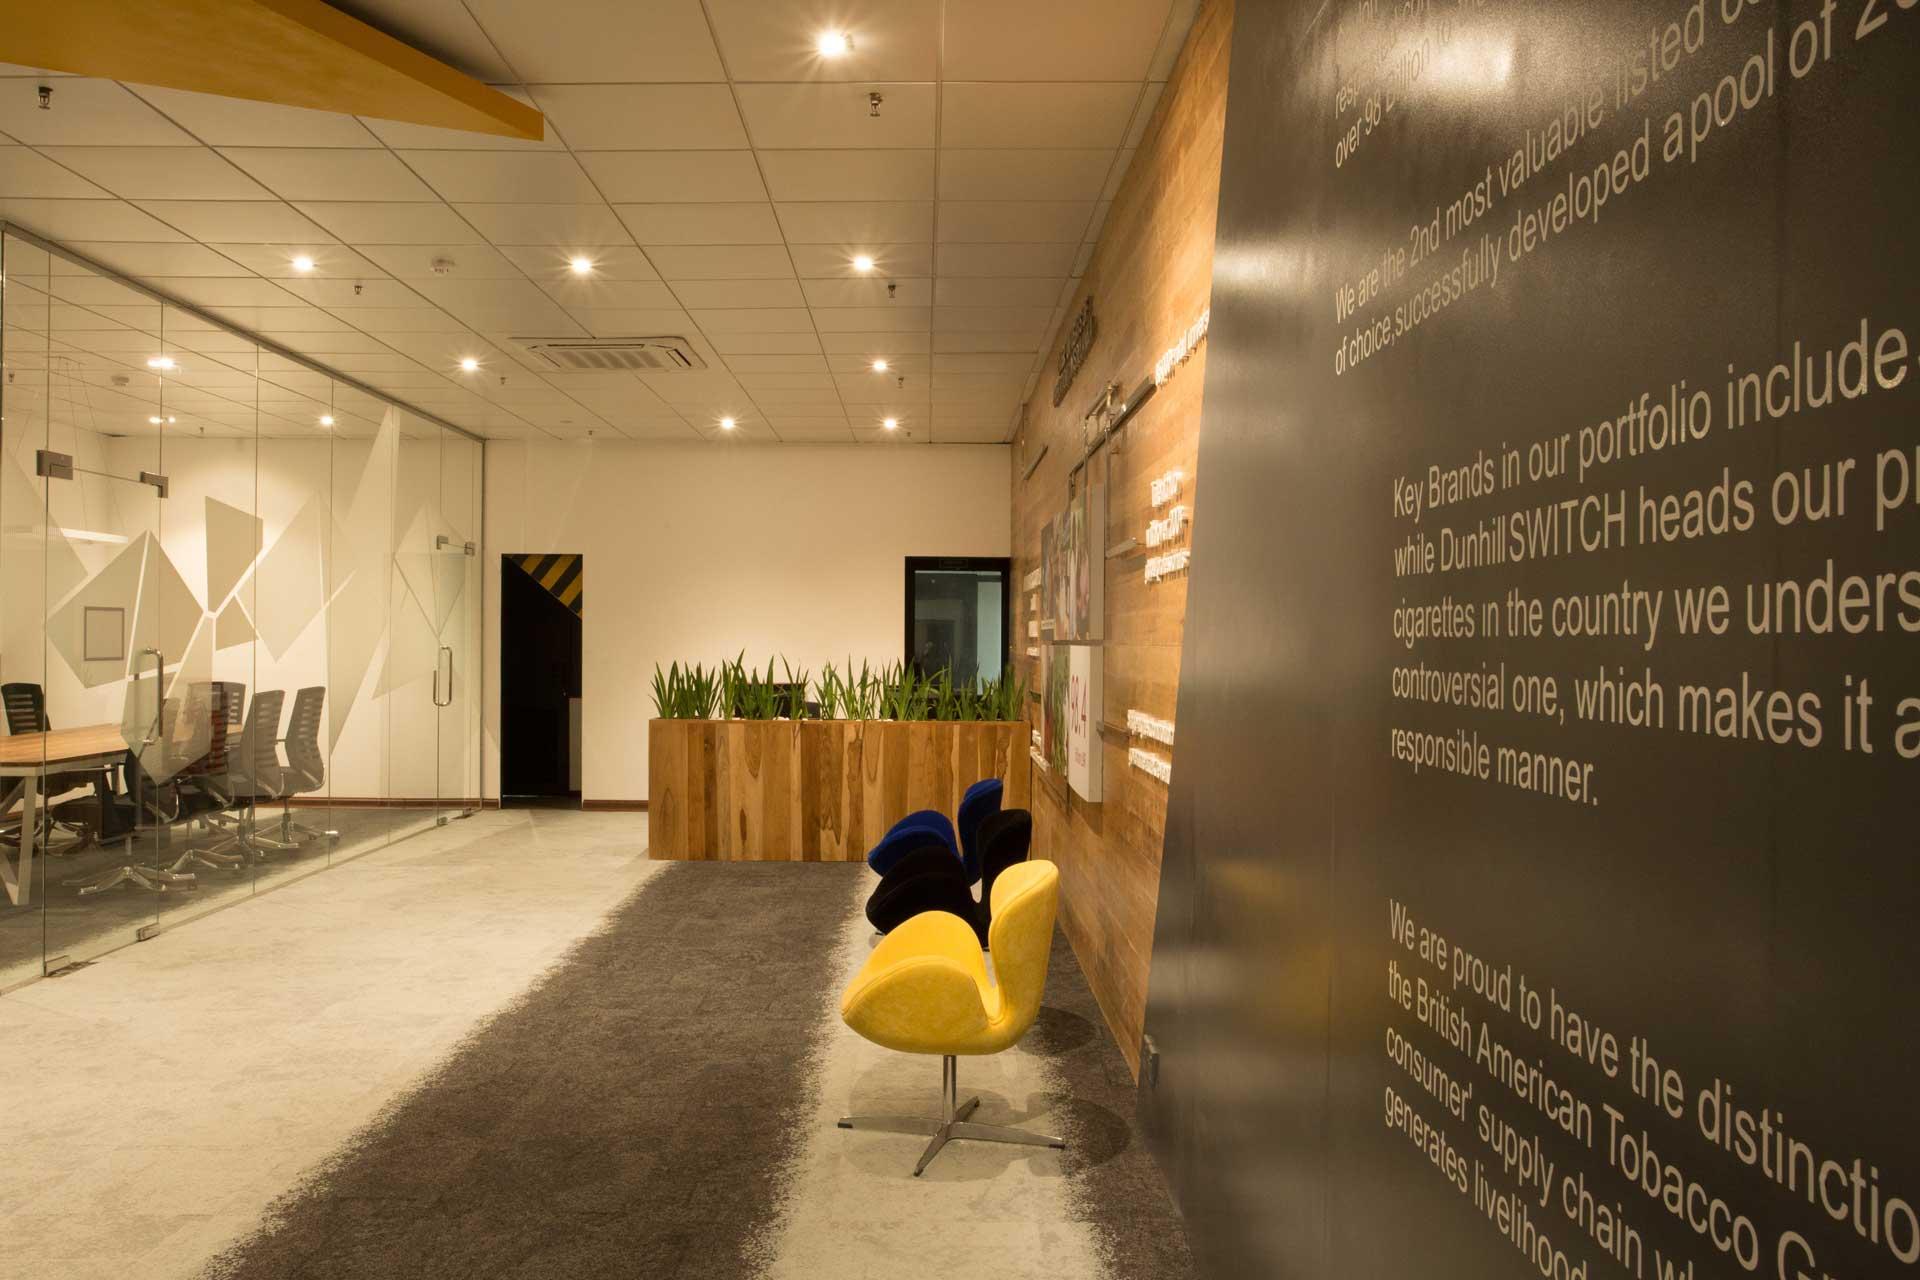 Ceylon Tobacco Company Image 08 | Corporate Interior Design